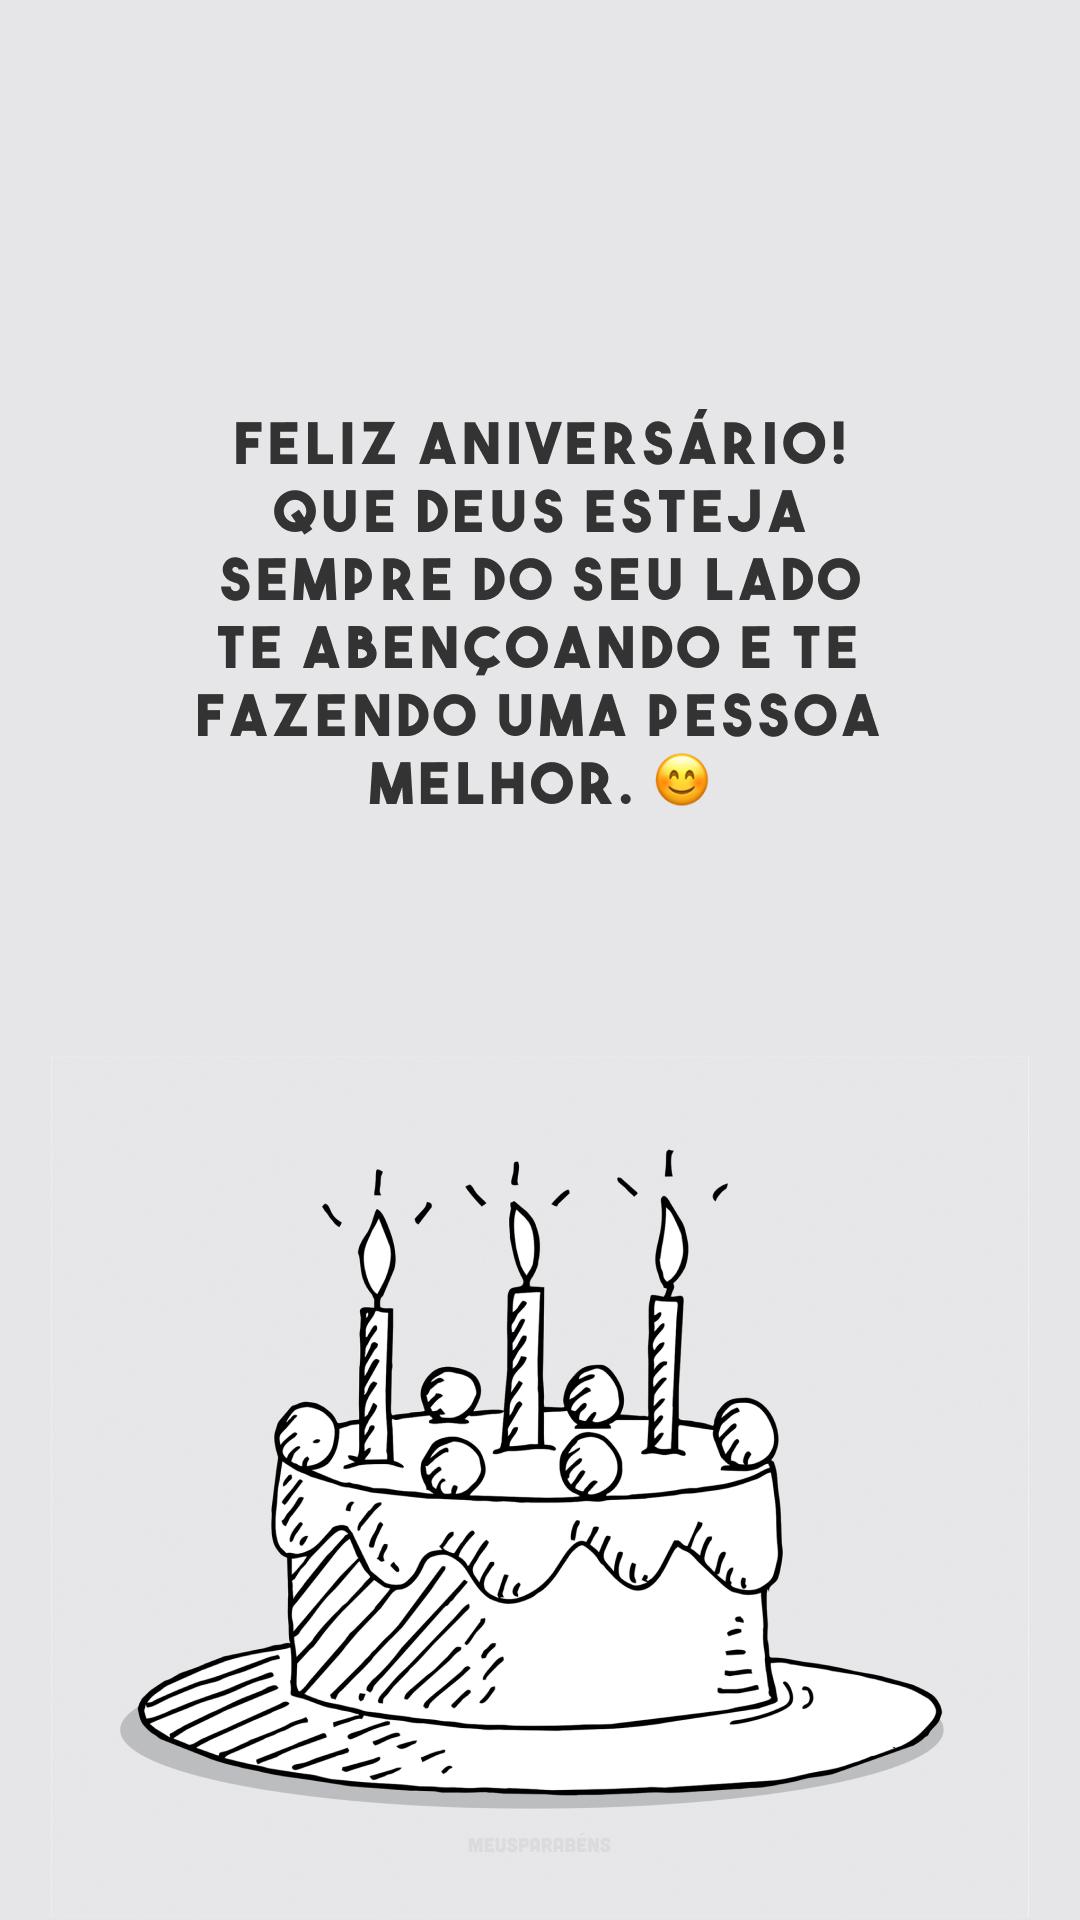 Feliz aniversário! Que Deus esteja sempre do seu lado te abençoando e te fazendo uma pessoa melhor. 😊